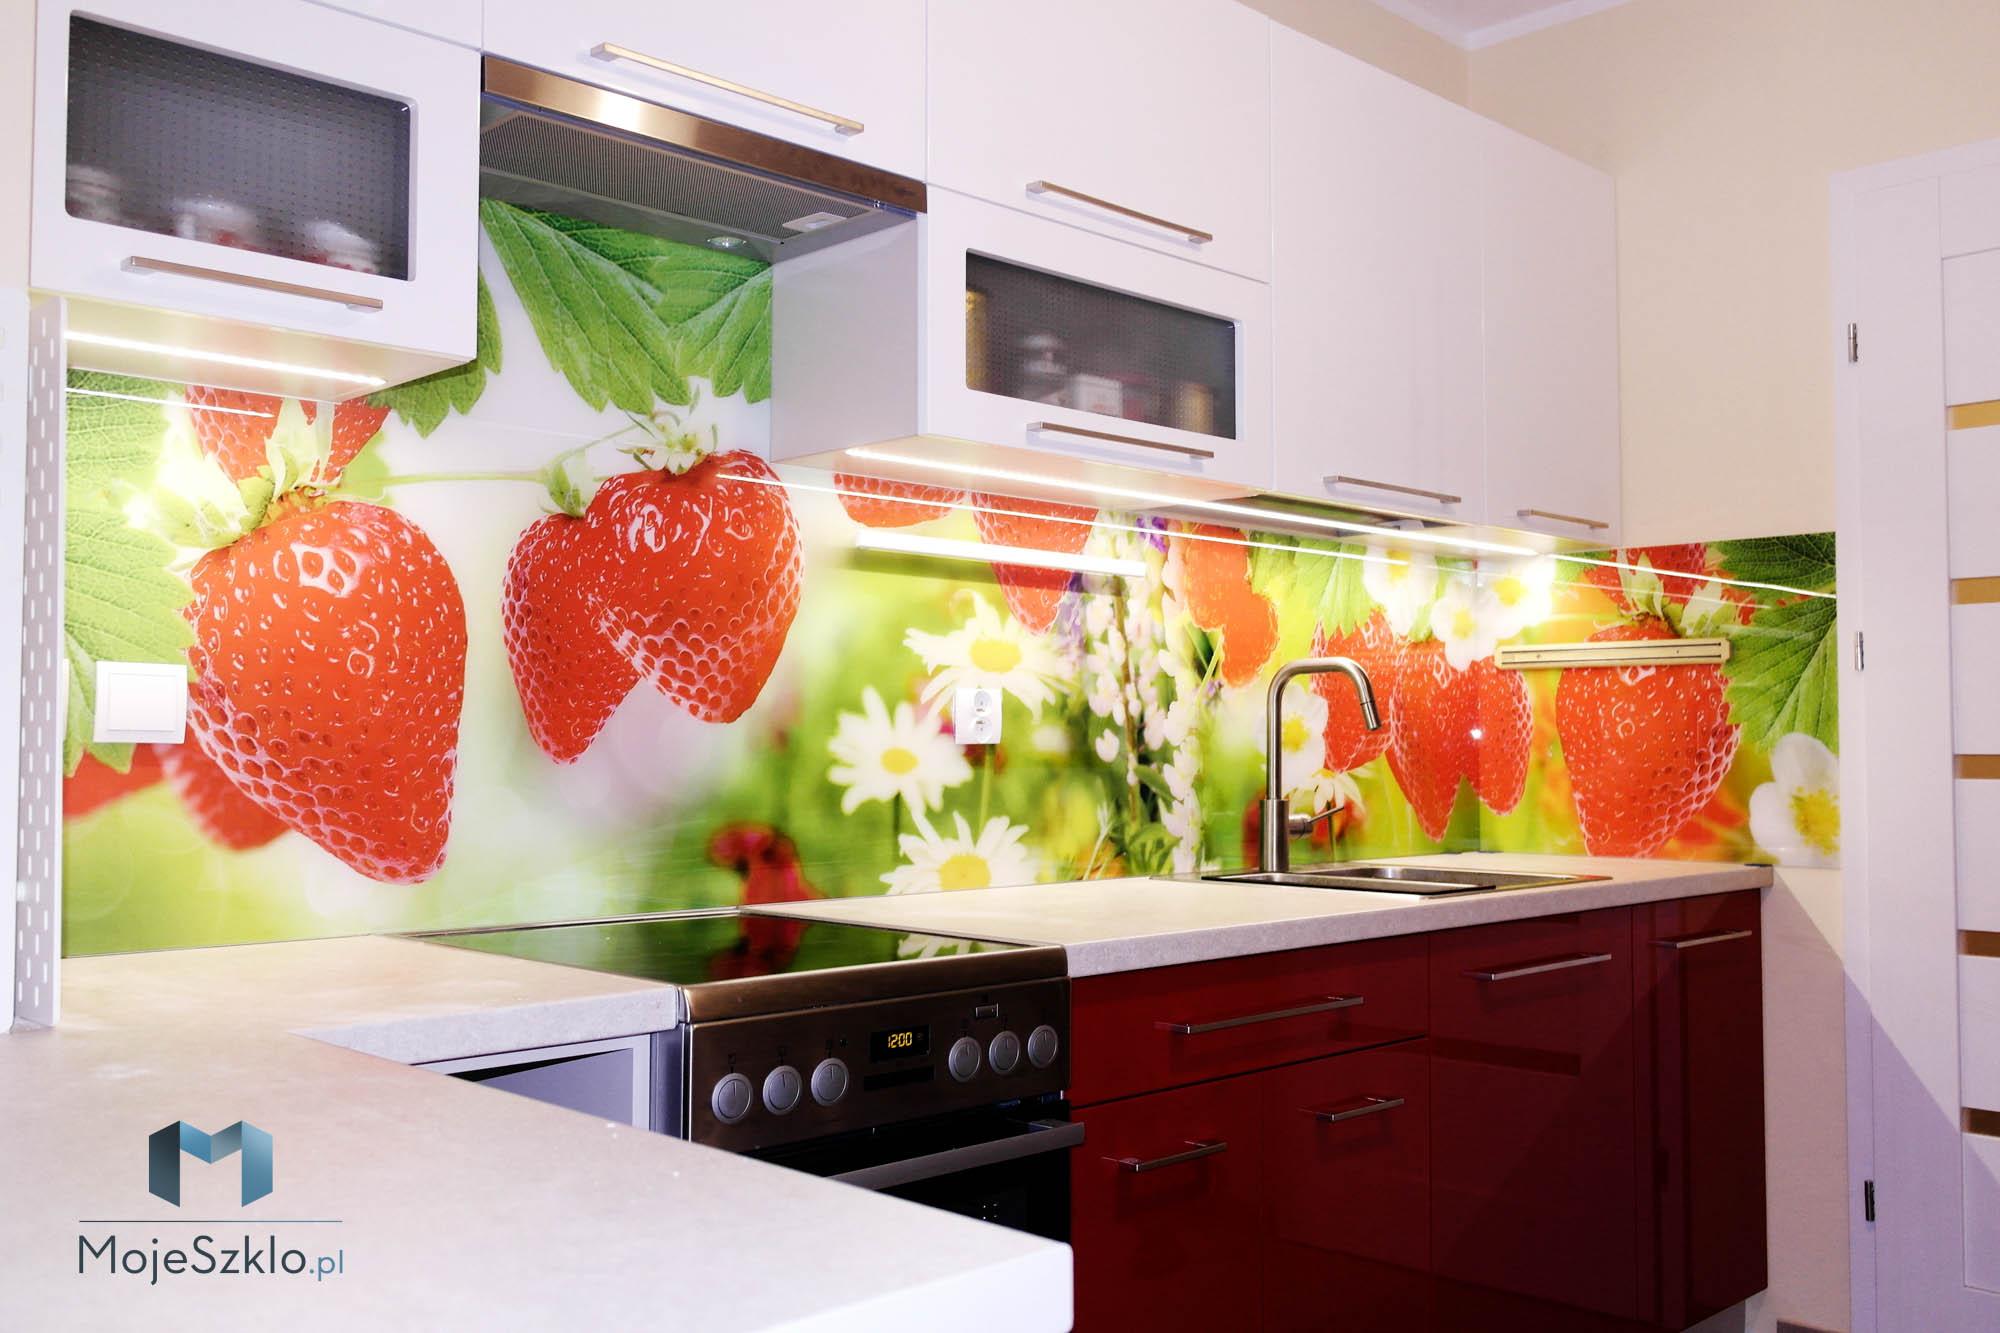 Szklo Do Kuchni Truskawki Krakow - Szkło dekoracyjne z grafiką. Informacje przed zakupem